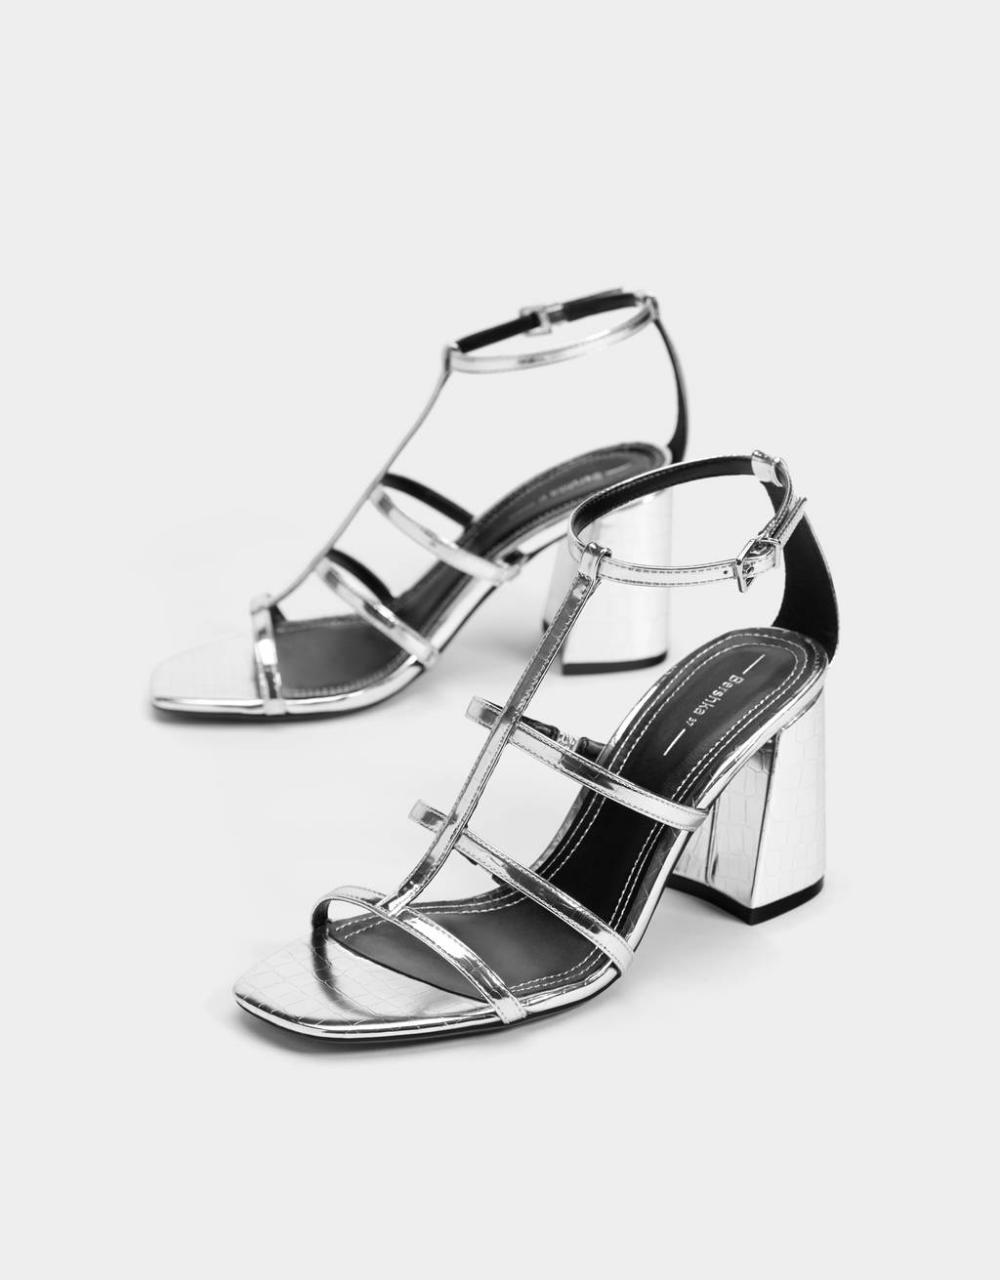 Sandaly Rzymianki Na Obcasie Buty Bershka Poland Sandals Heels Stiletto Sandals Heels